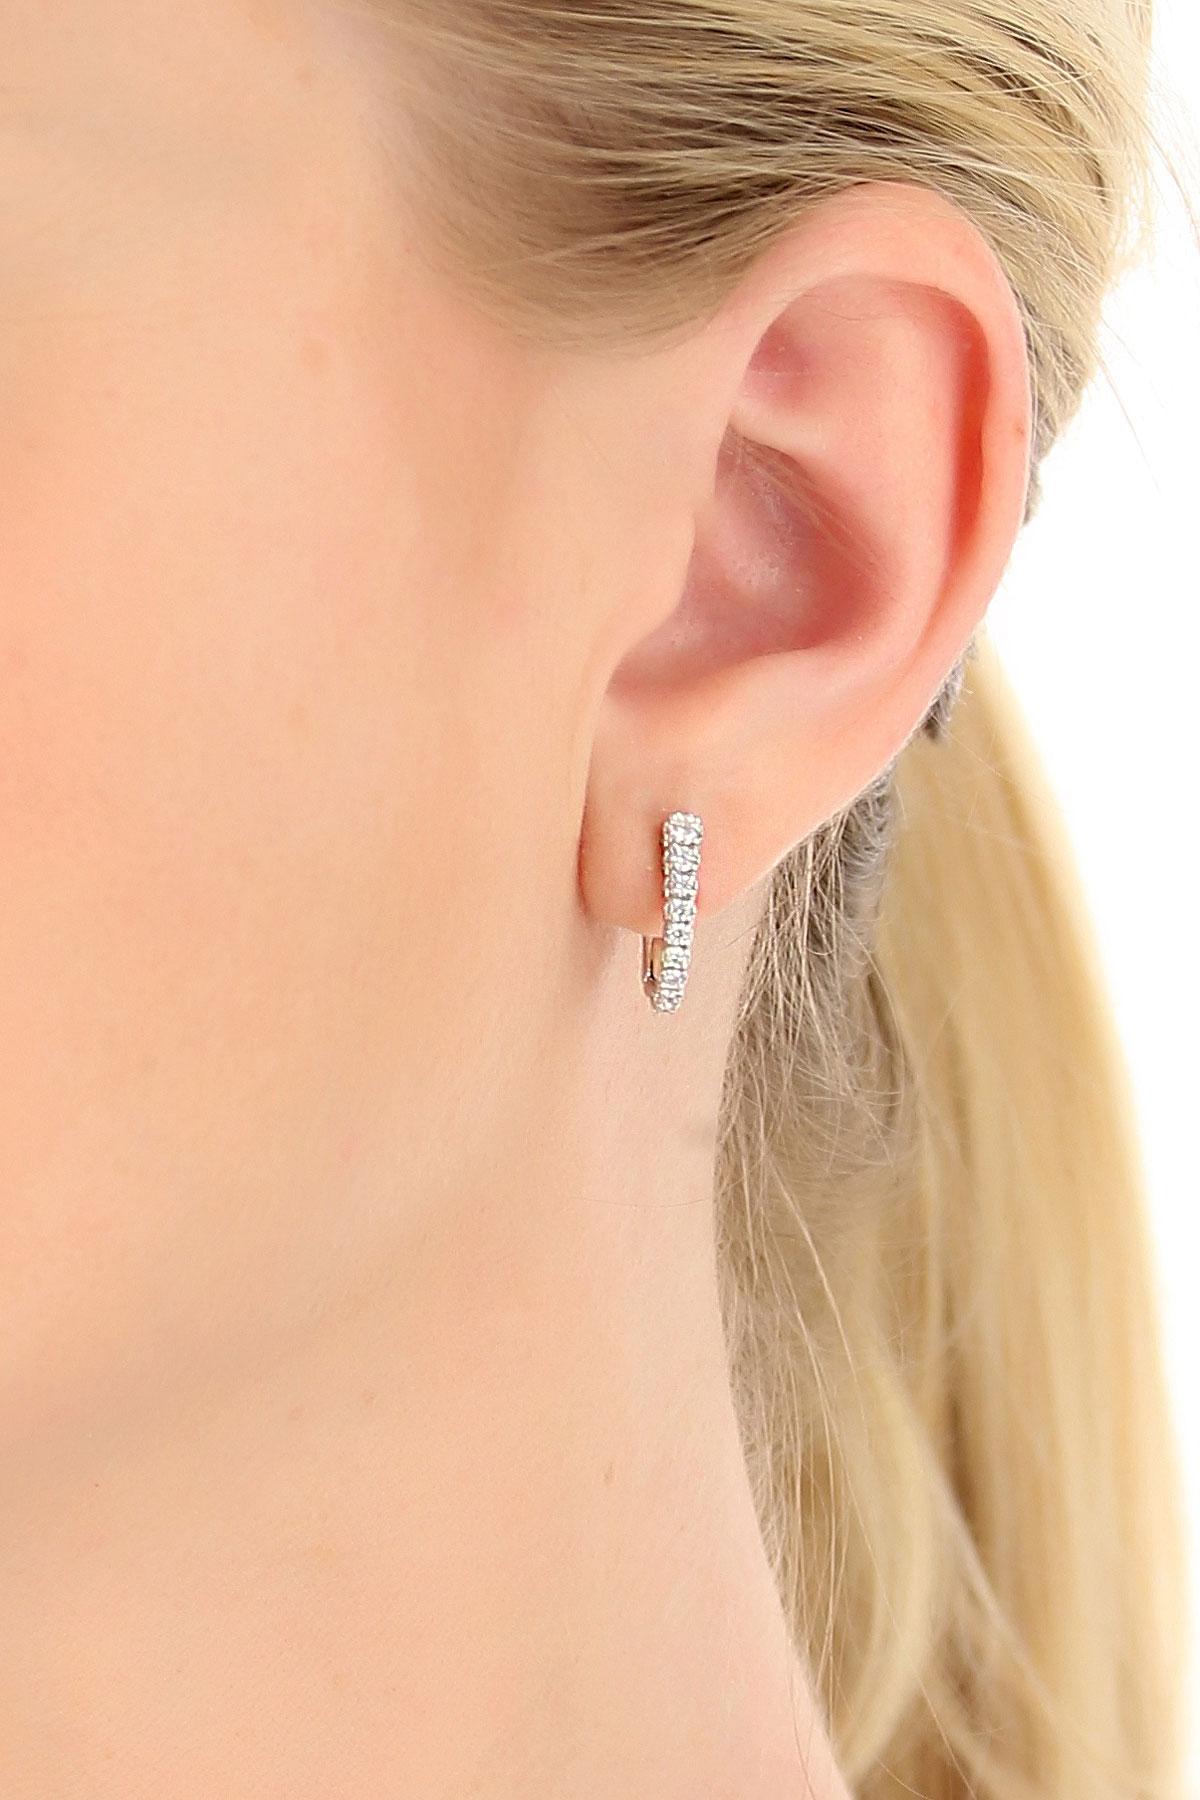 Image of Recarlo Earrings for Women, White Gold, 18 kt White Gold, 2017